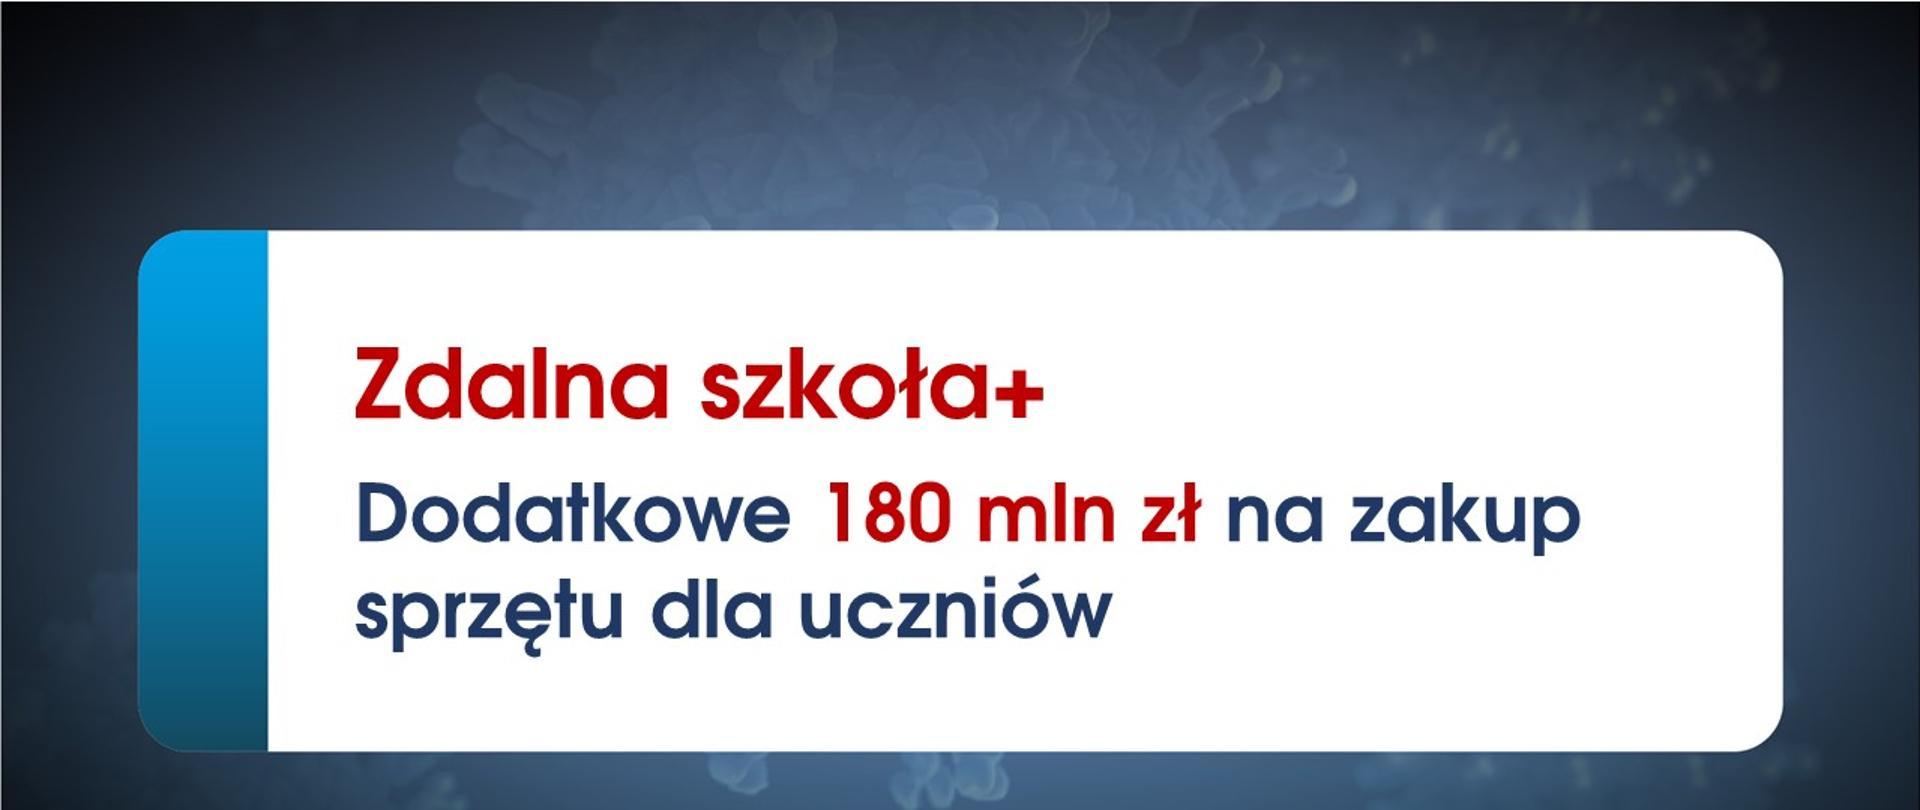 grafika z napisem - Dodatkowe 180 mln zł na zakup sprzętu dla uczniów